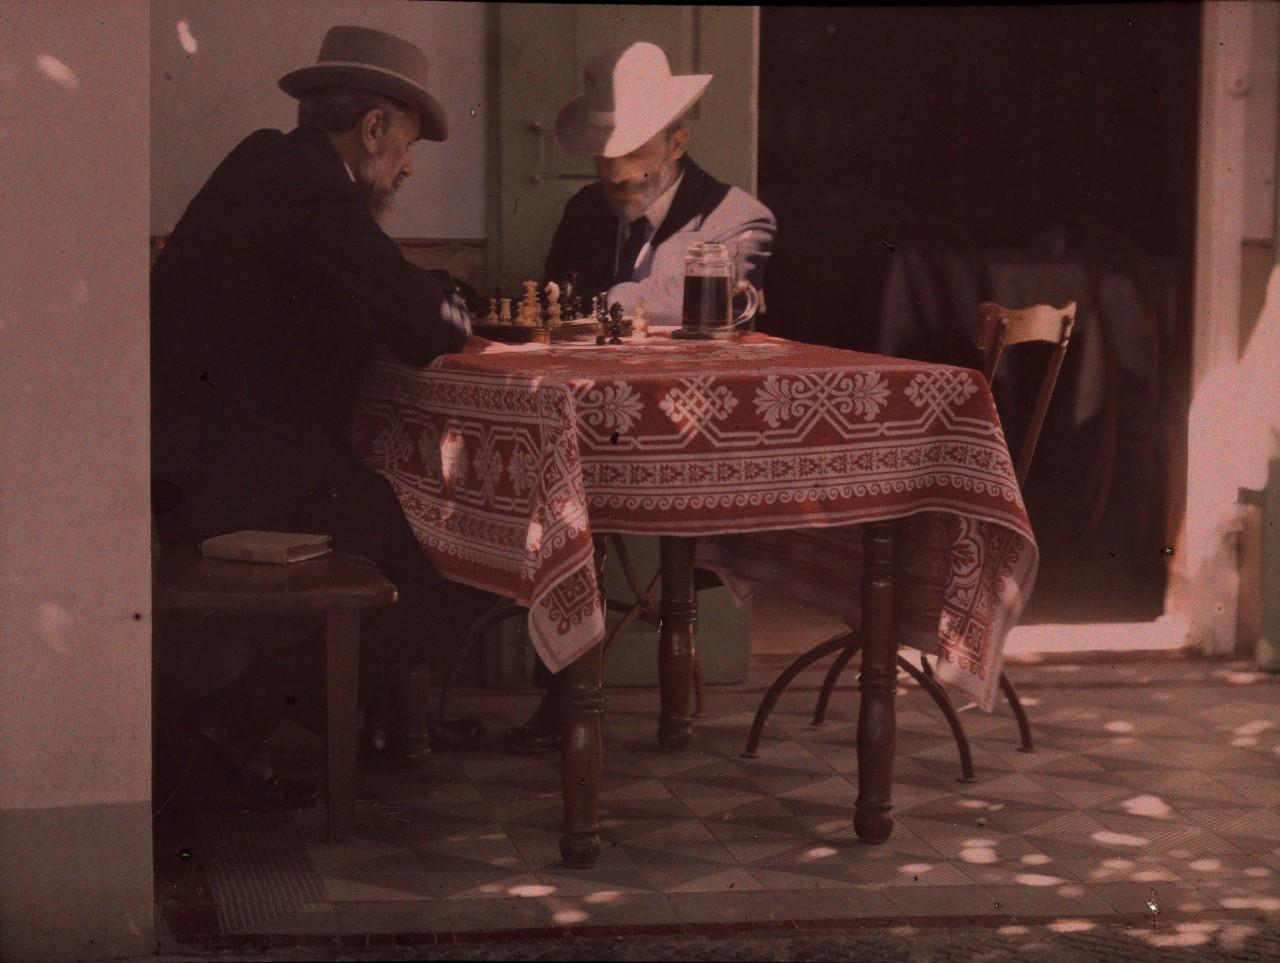 Двое мужчин играют в шахматы, Нью-Джерси, 1907. Автохром, фотограф Альфред Стиглиц